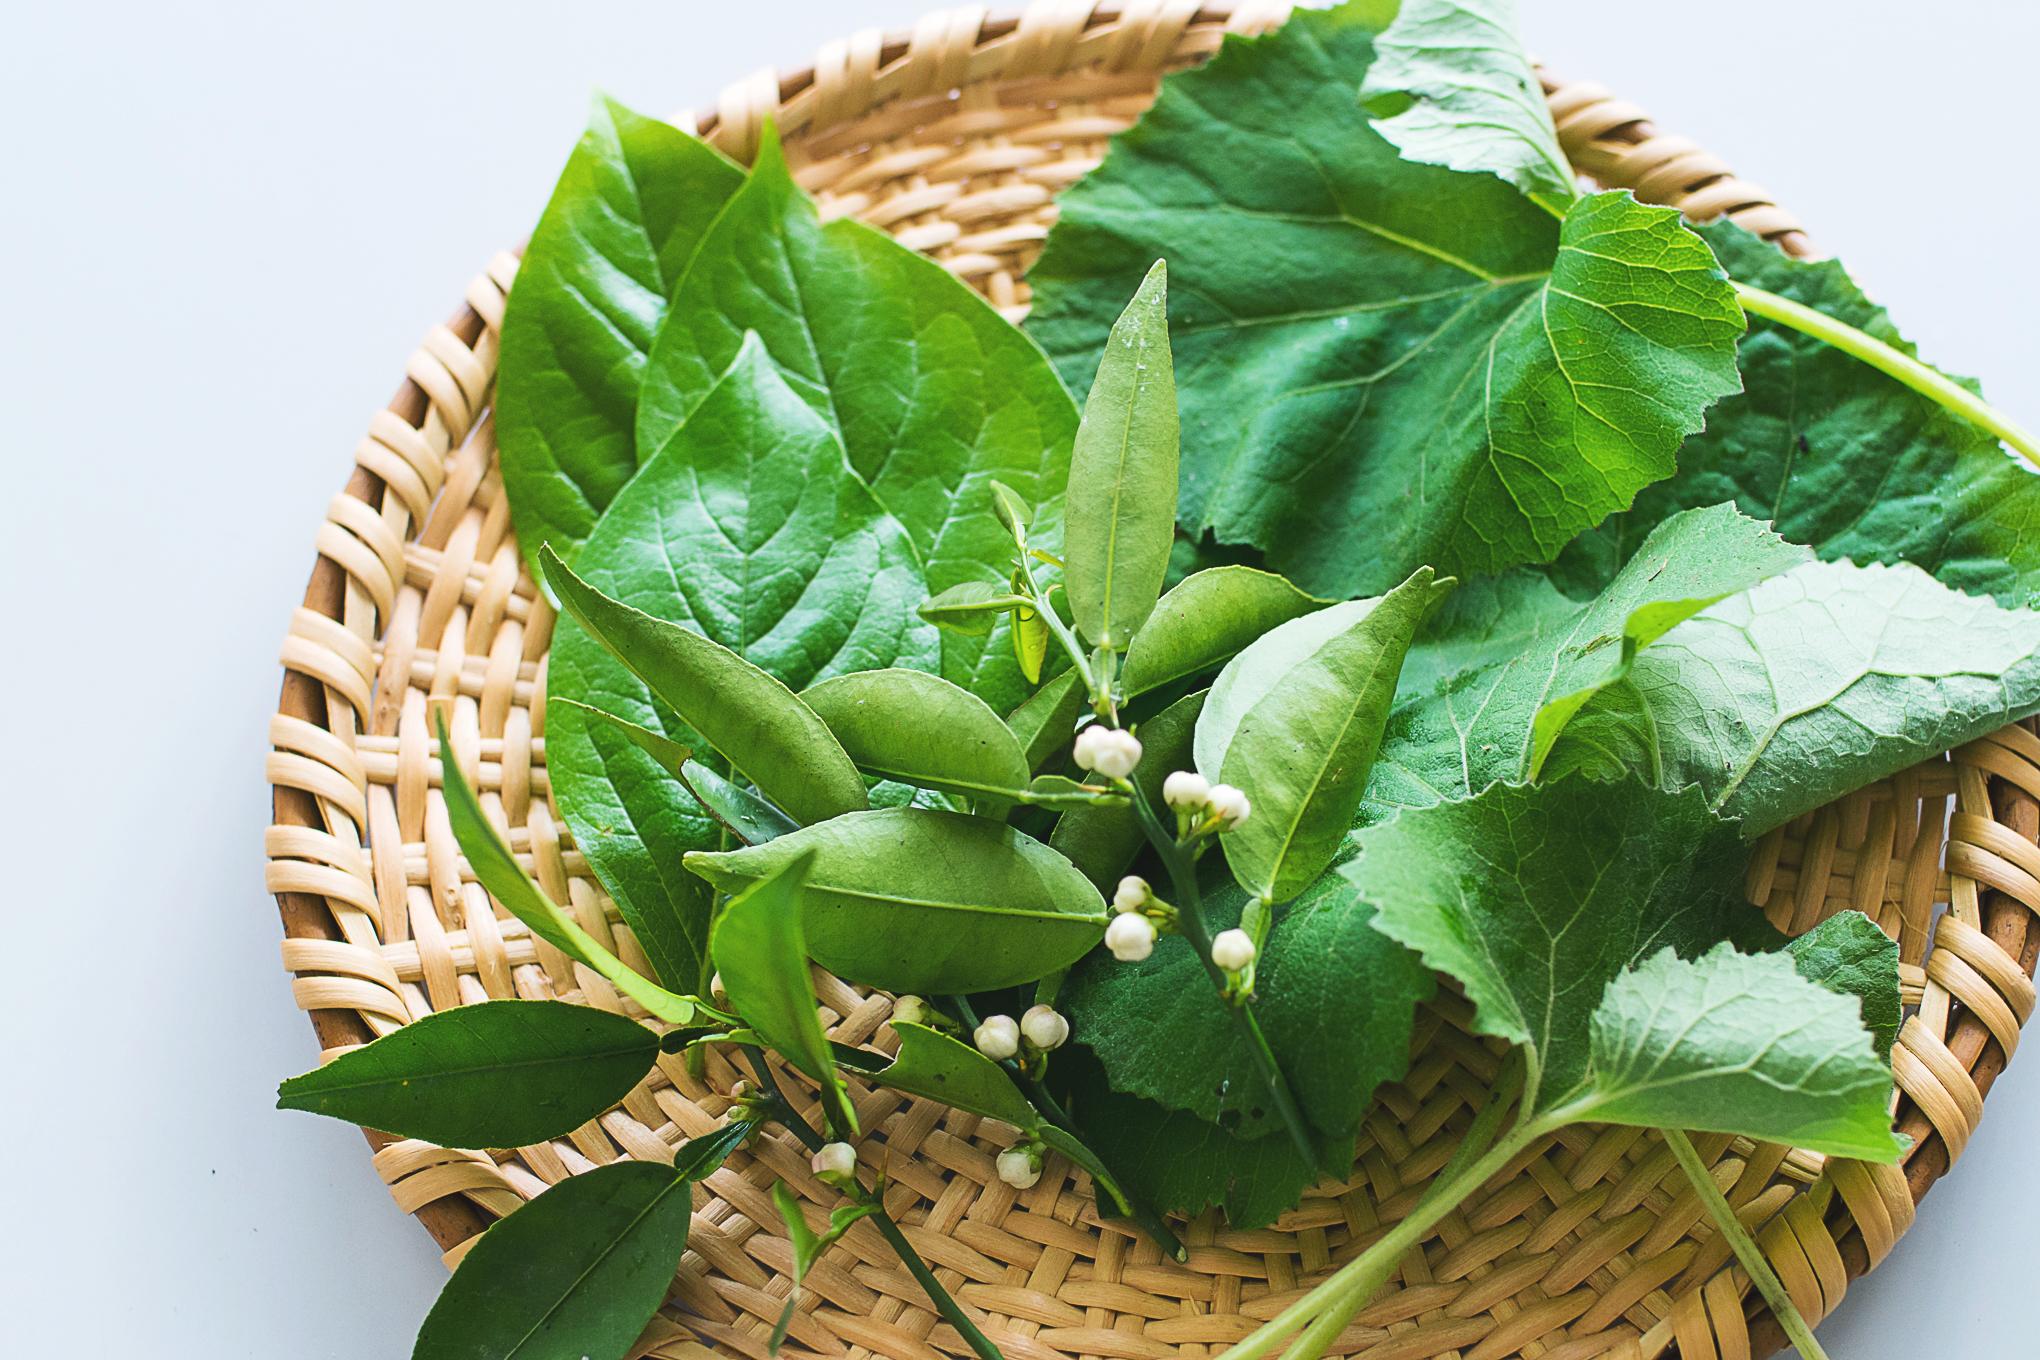 ハラン、柿の葉、すだちのつぼみ。お料理に添える葉っぱを庭で摘む。